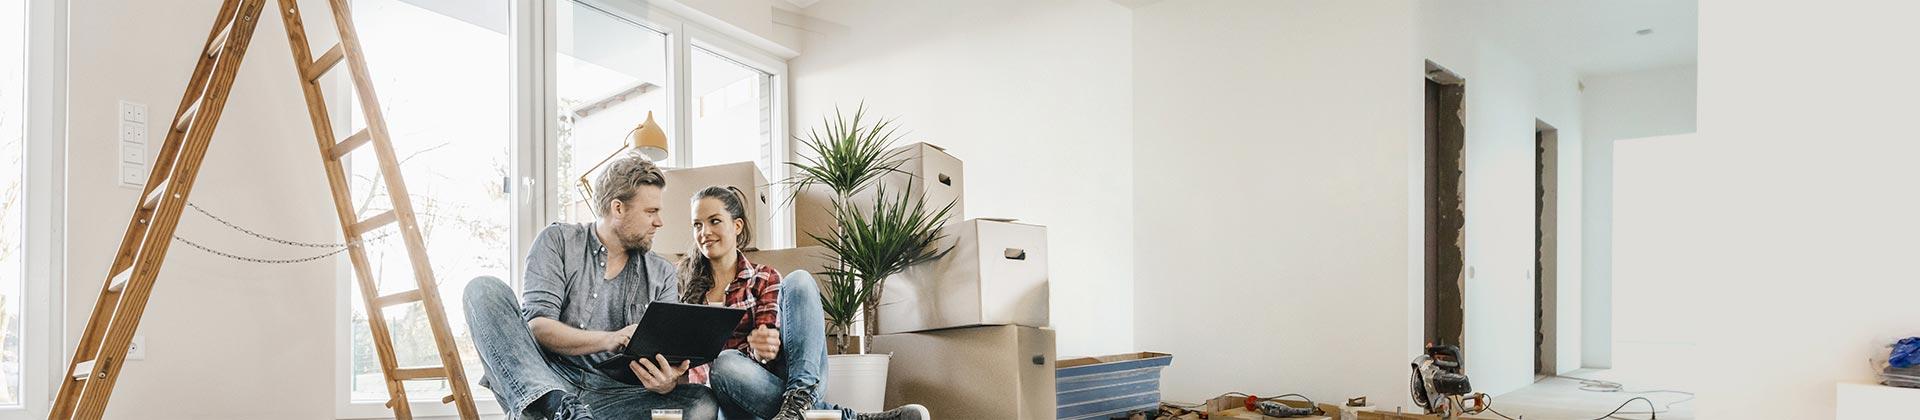 Mutui ristrutturazione casa mutuo domus finanziamento a tasso fisso o variabile intesa sanpaolo - Mutuo per ristrutturare casa ...